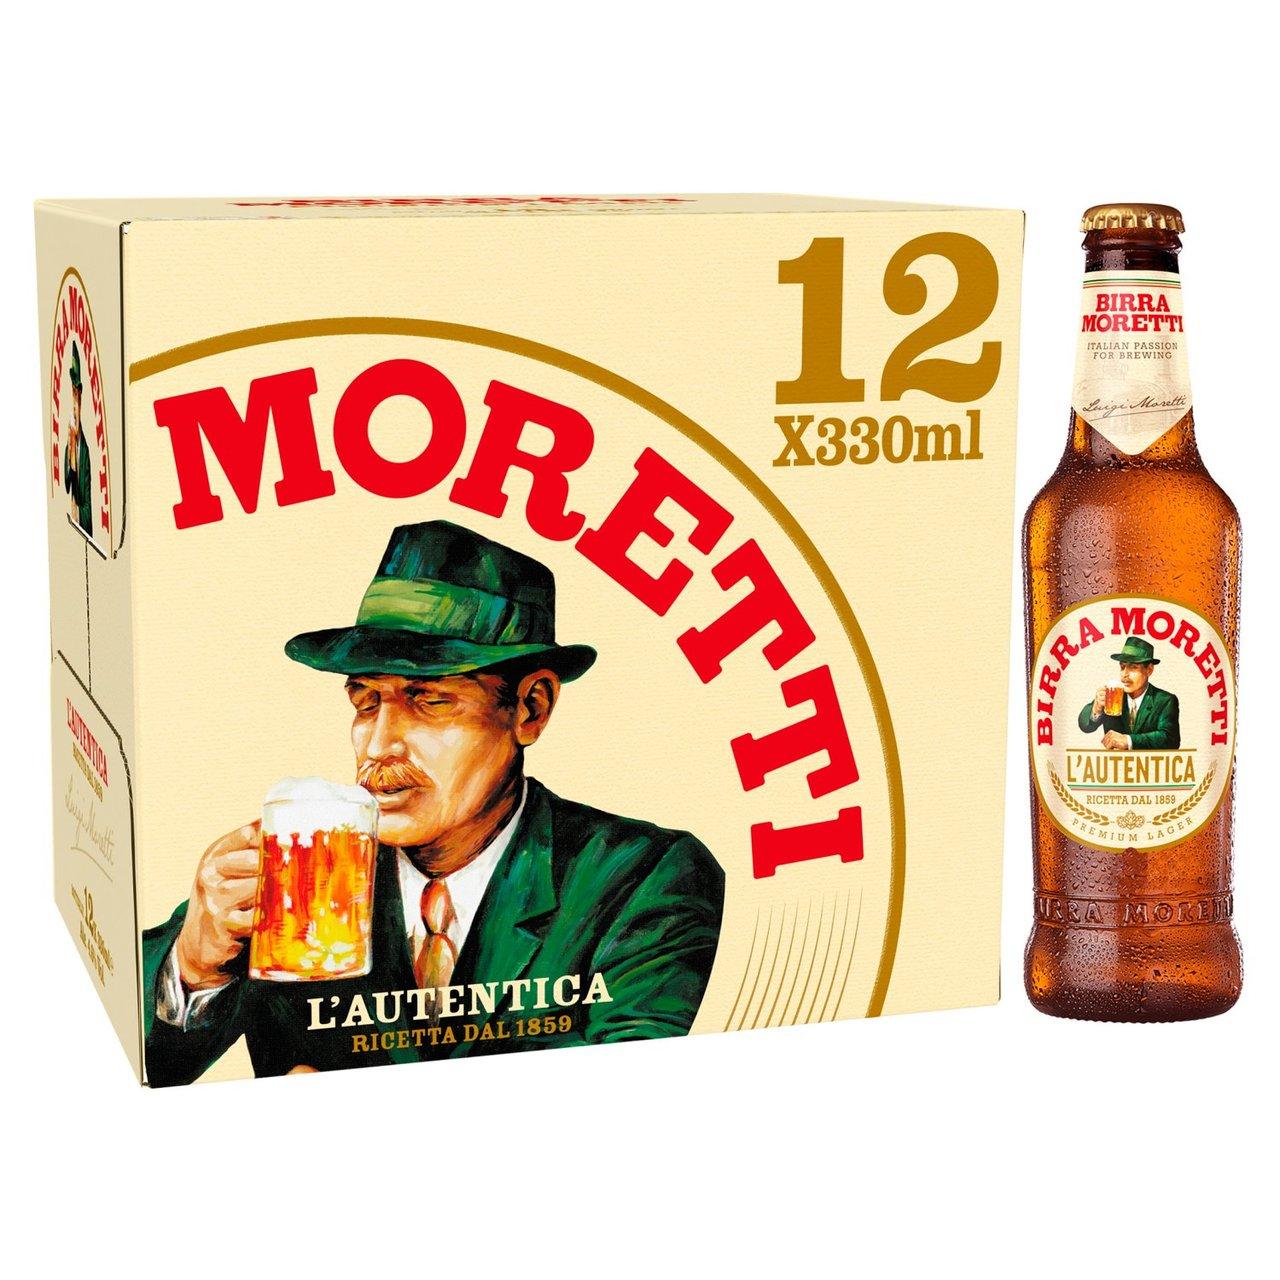 Birra Moretti 12 X 330ml bottles £10.66 Costco Liverpool